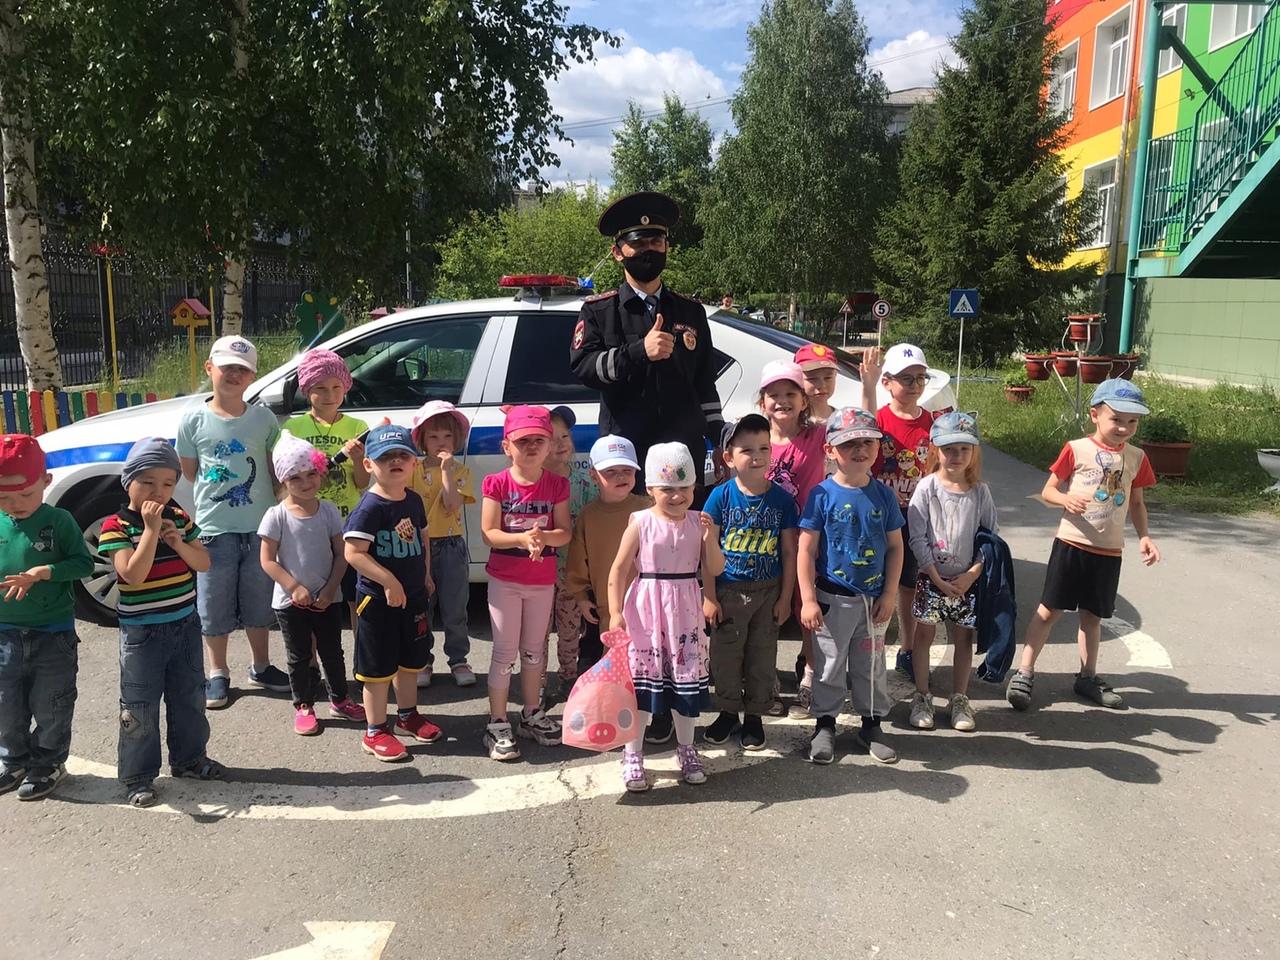 25 мая сотрудниками Югорской Госавтоинспекции в рамках окружной акции «Безопасное лето» в МАДОУ «Детский сад «Радуга» организовано профилактическое мероприятие «Безопасные велопрогулки», в котором приняли участие 10 групп воспитанников.